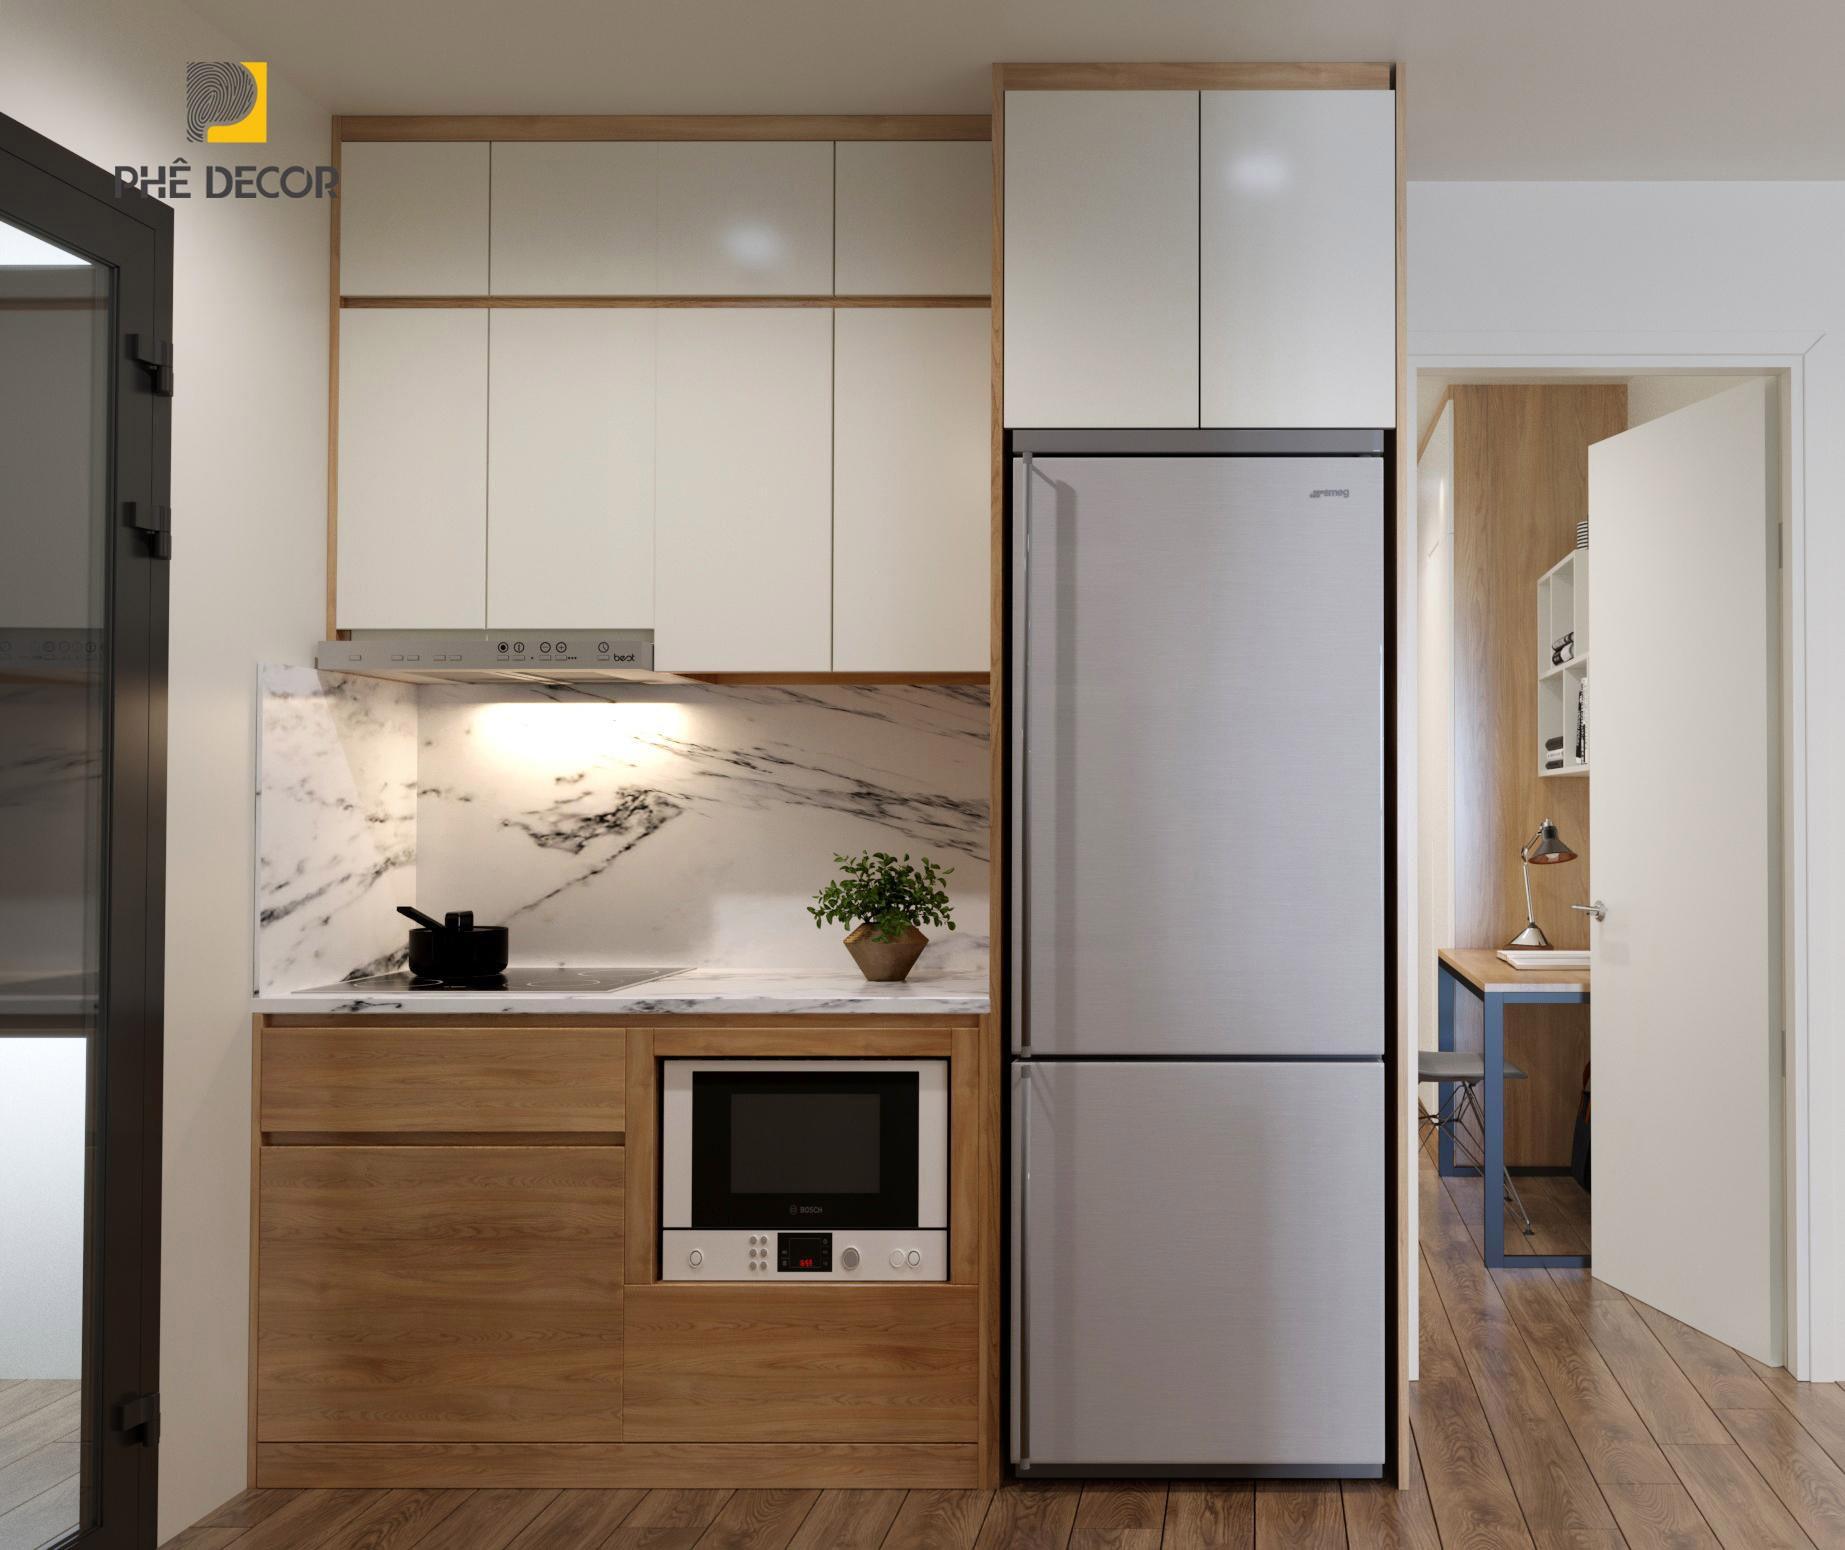 thiết kế thi công tủ bếp hiện đại